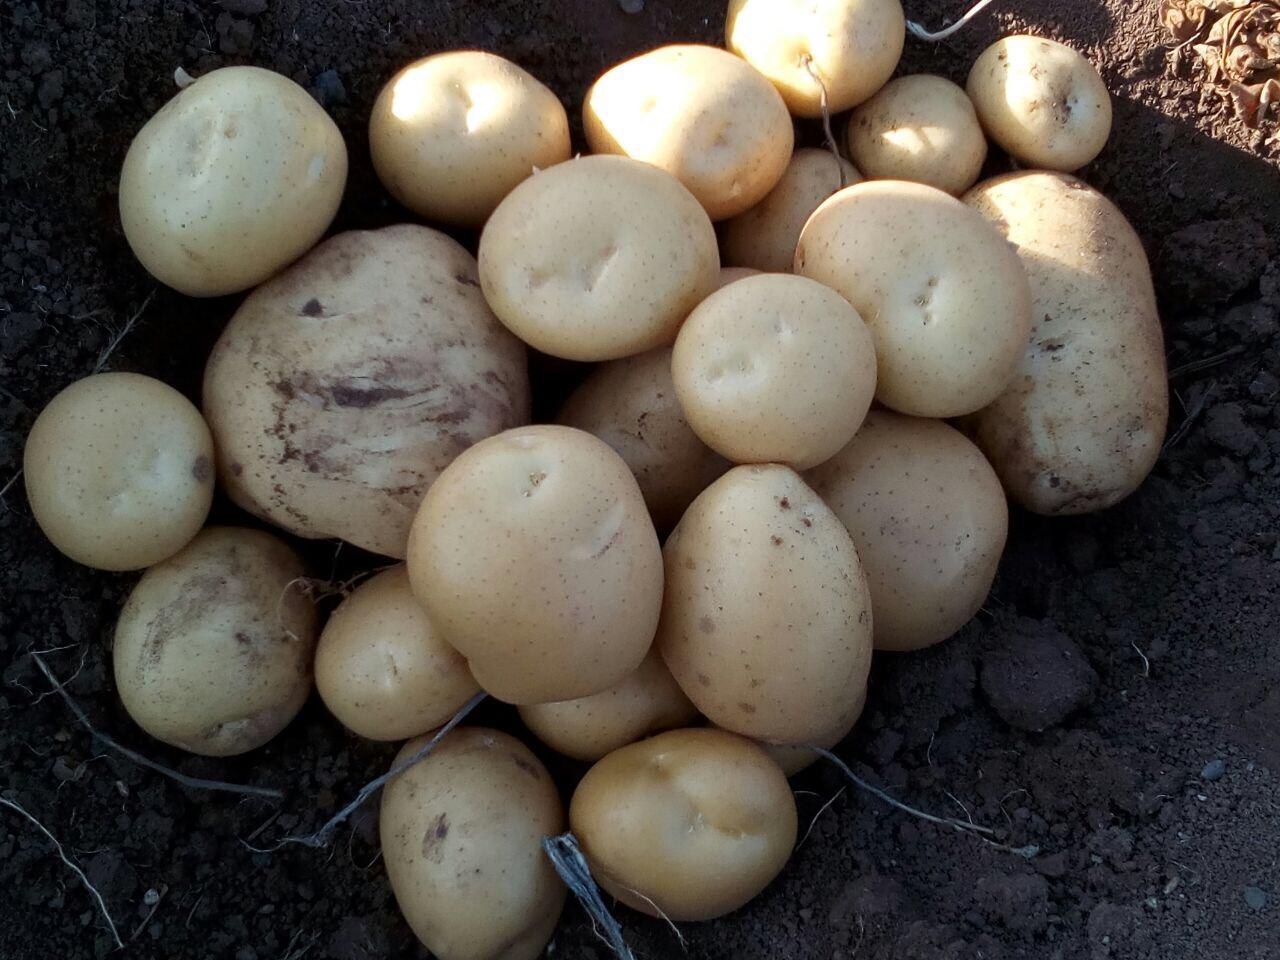 قیمت فروش سیب زمینی فرنگی